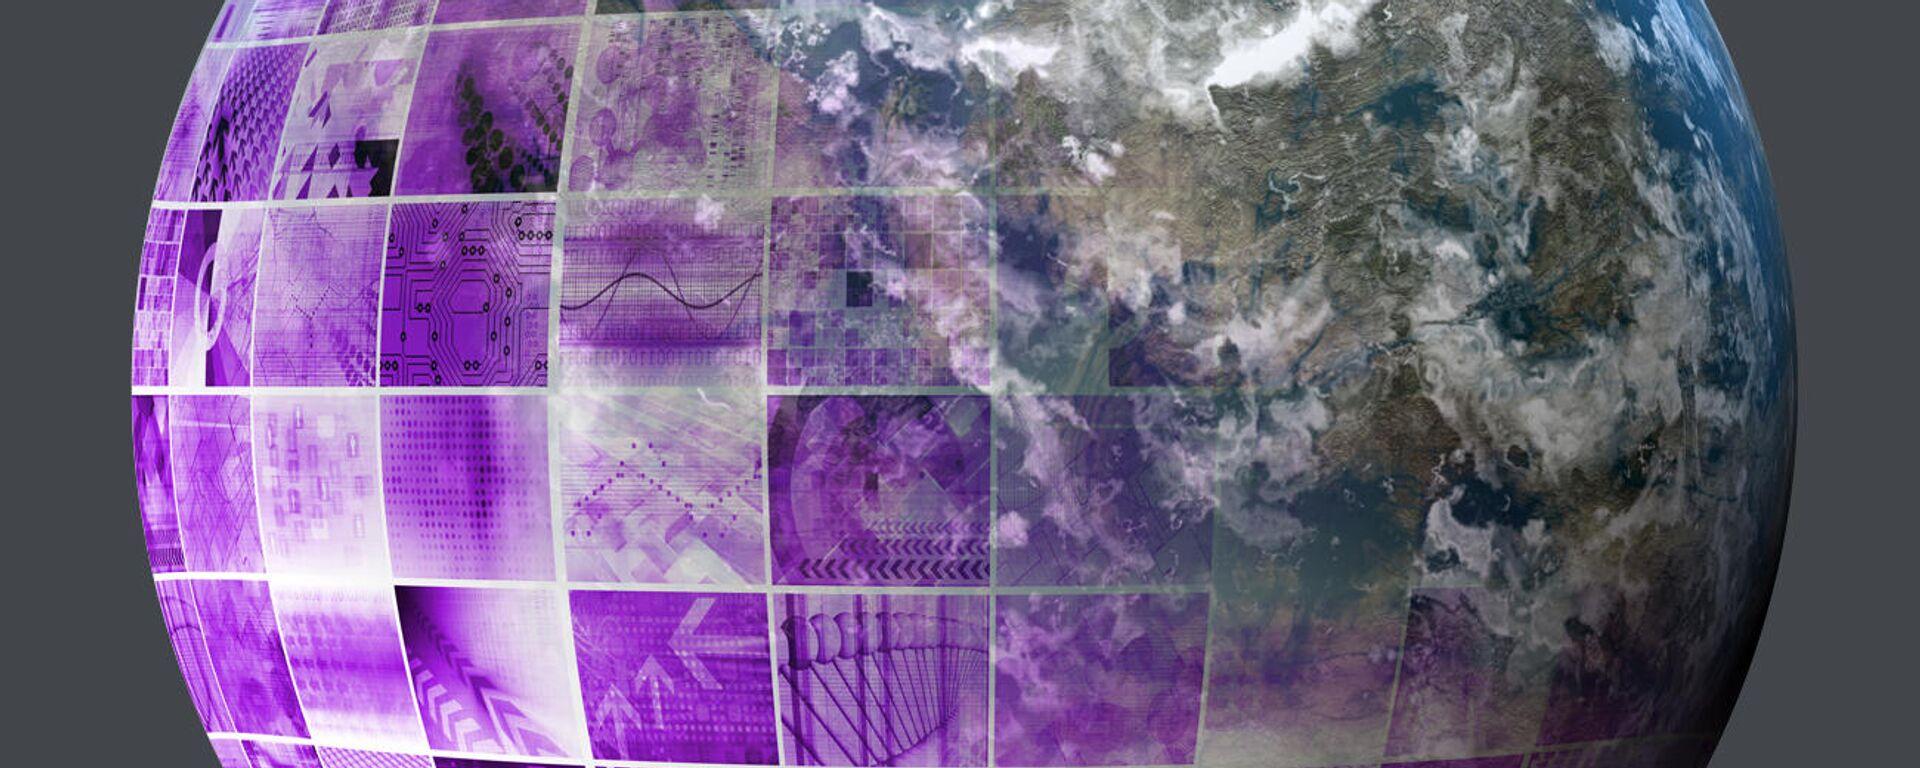 Zona Violeta - Sputnik Mundo, 1920, 24.02.2020